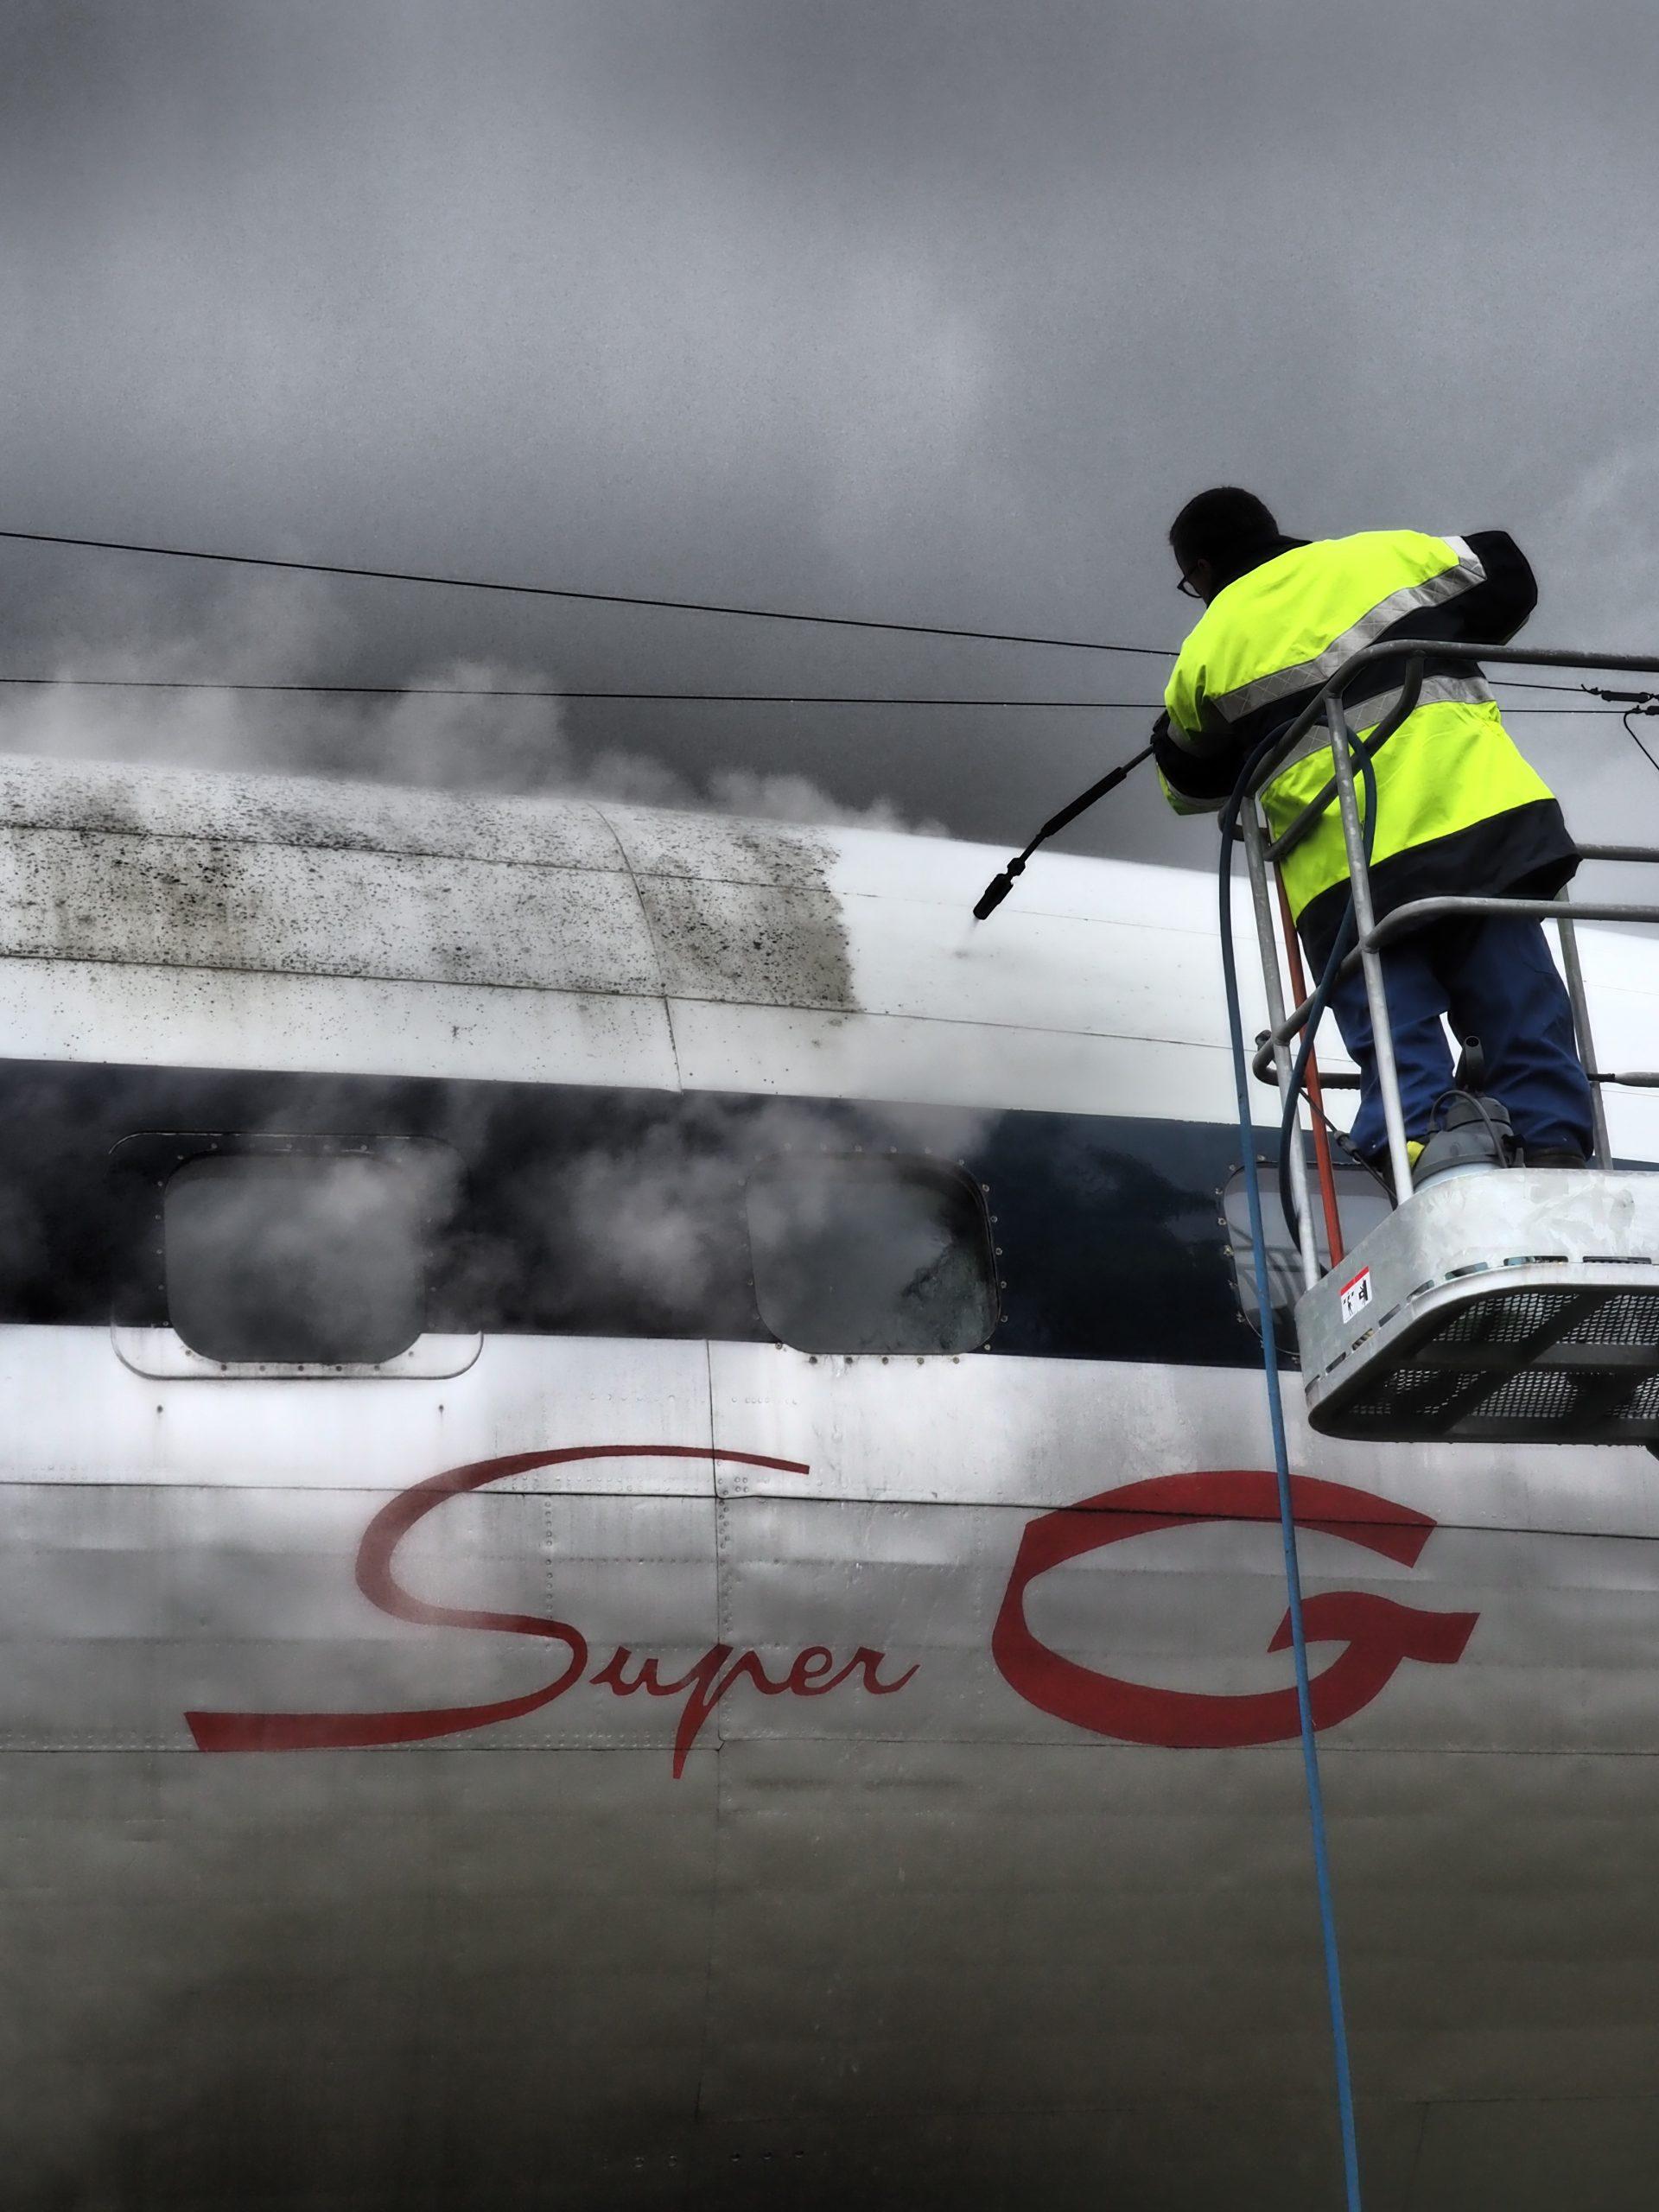 Nettoyage de printemps 2018 - Nettoyage haute pression du fuselage